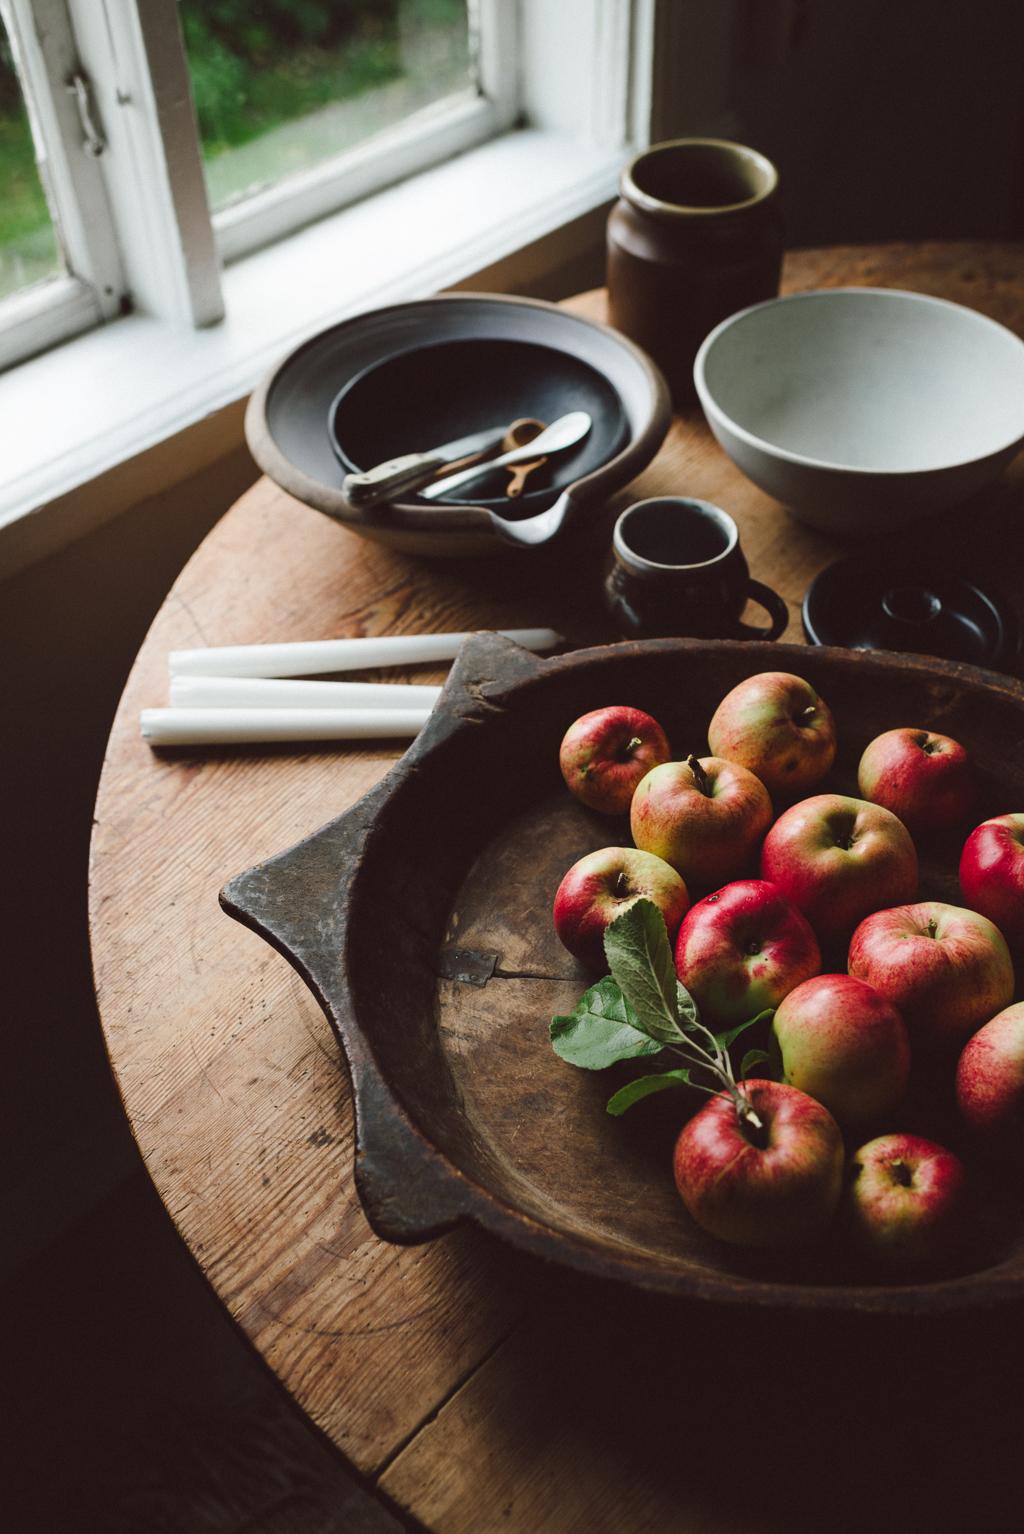 Babes_in_Boyland-autumn_apple_pie-10